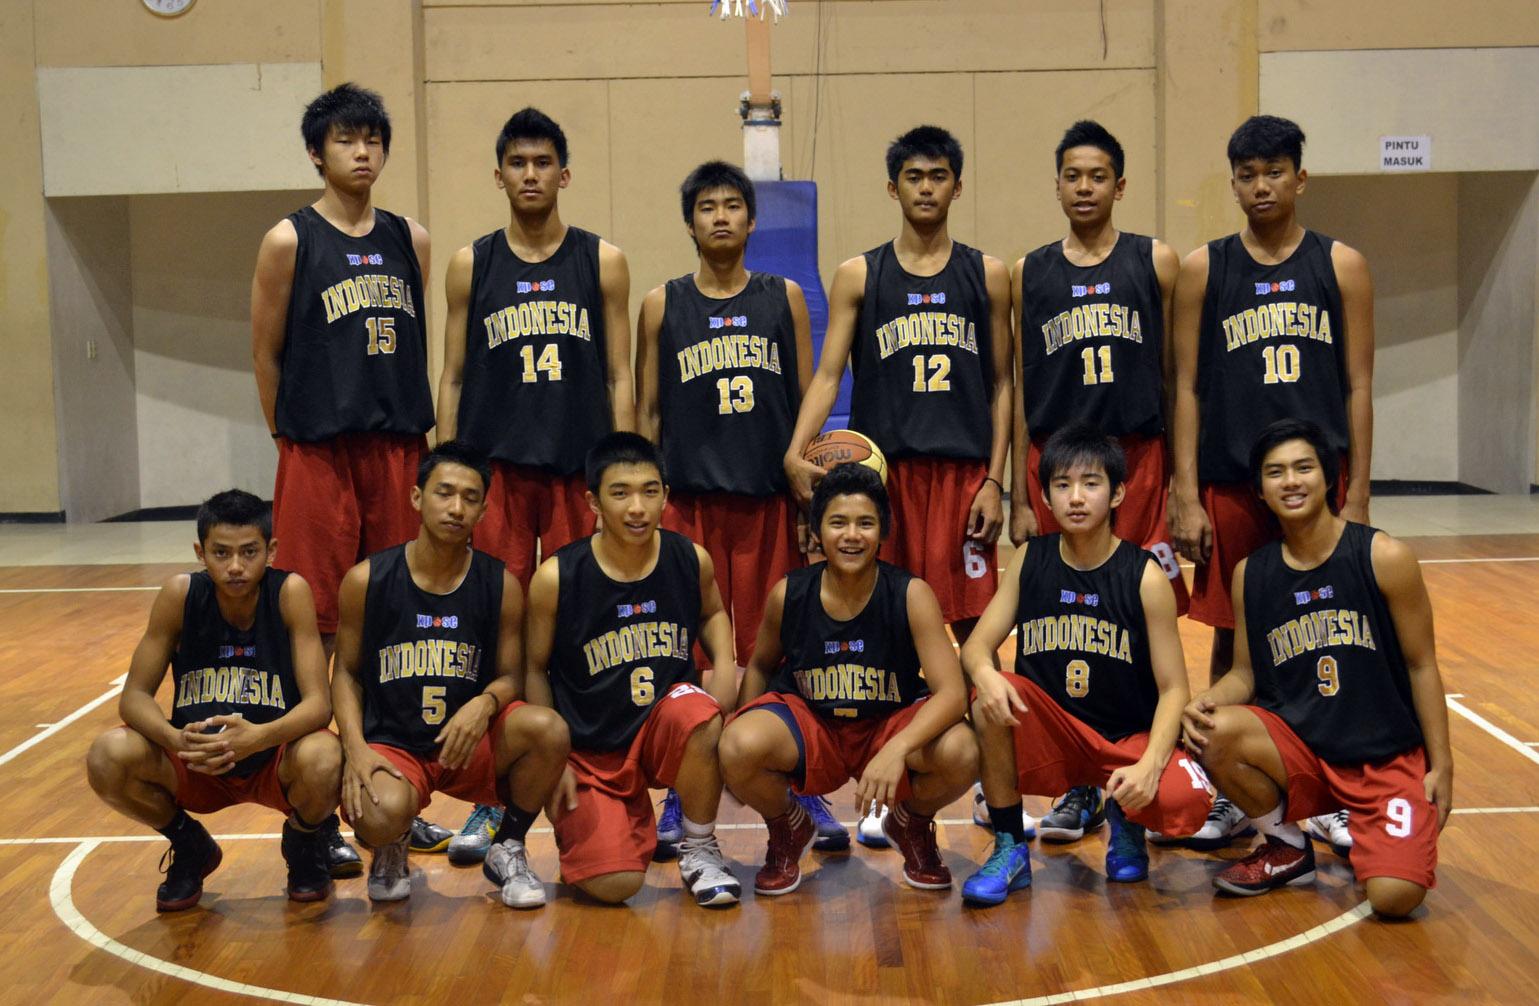 Sejarah Bola Basket Di Dunia Dan Indonesia Lengkap Gambar